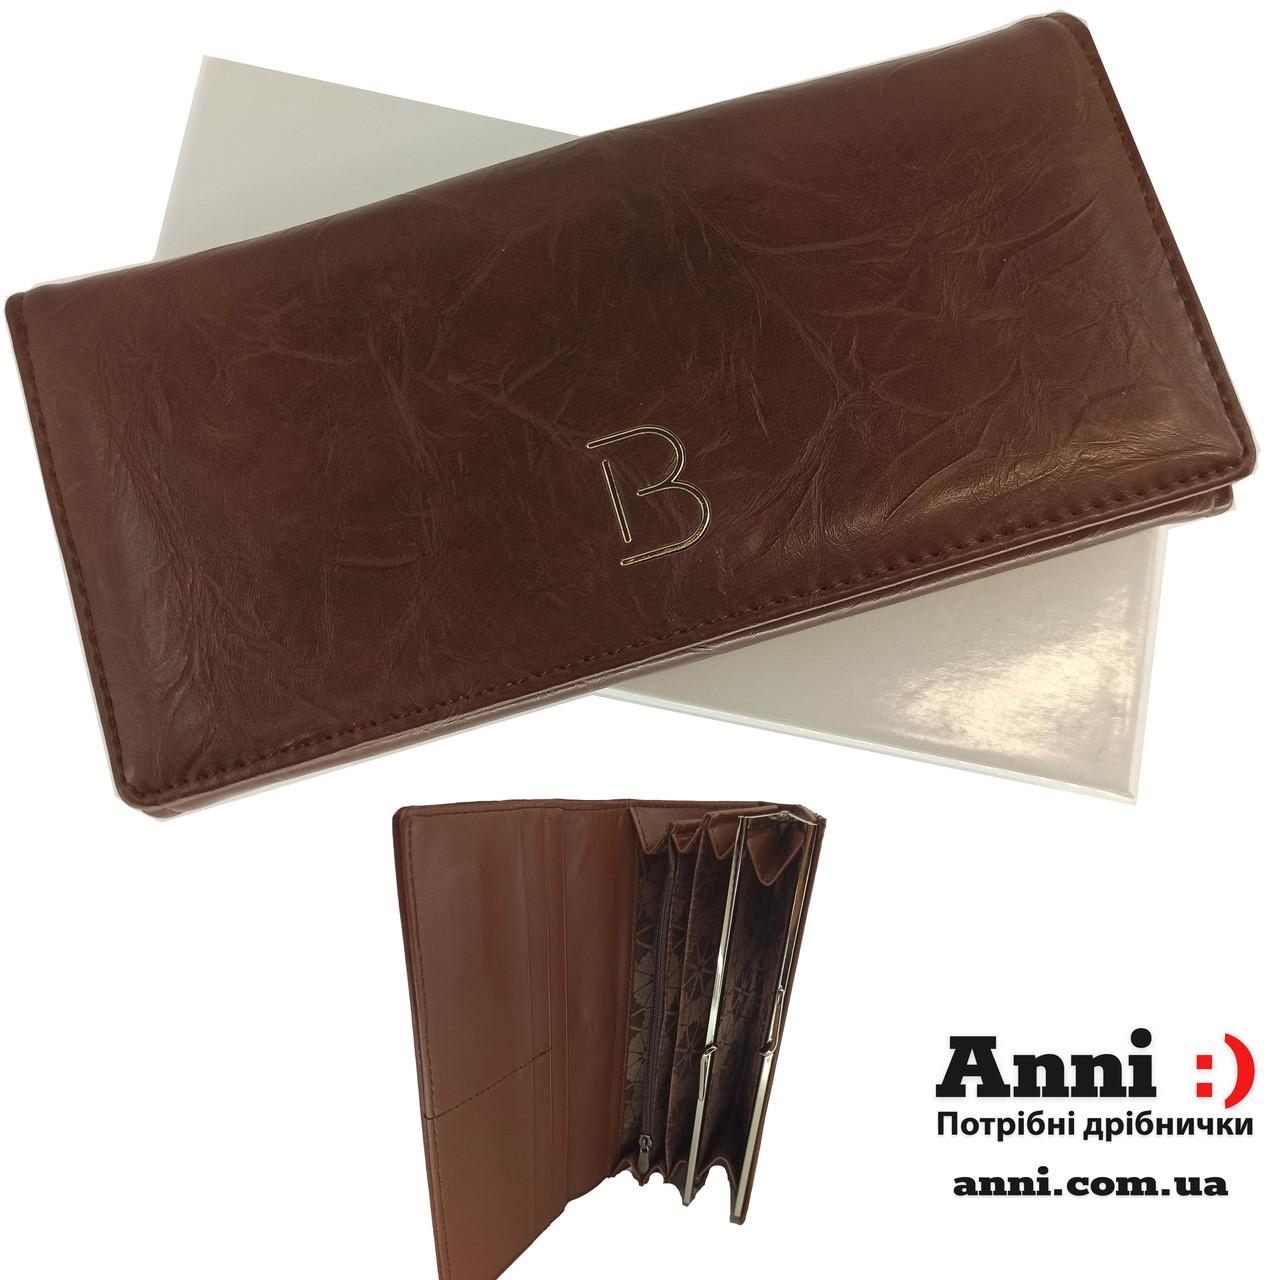 Классический женский кошелек клатч на магнитах из качественной PU кожи coffee